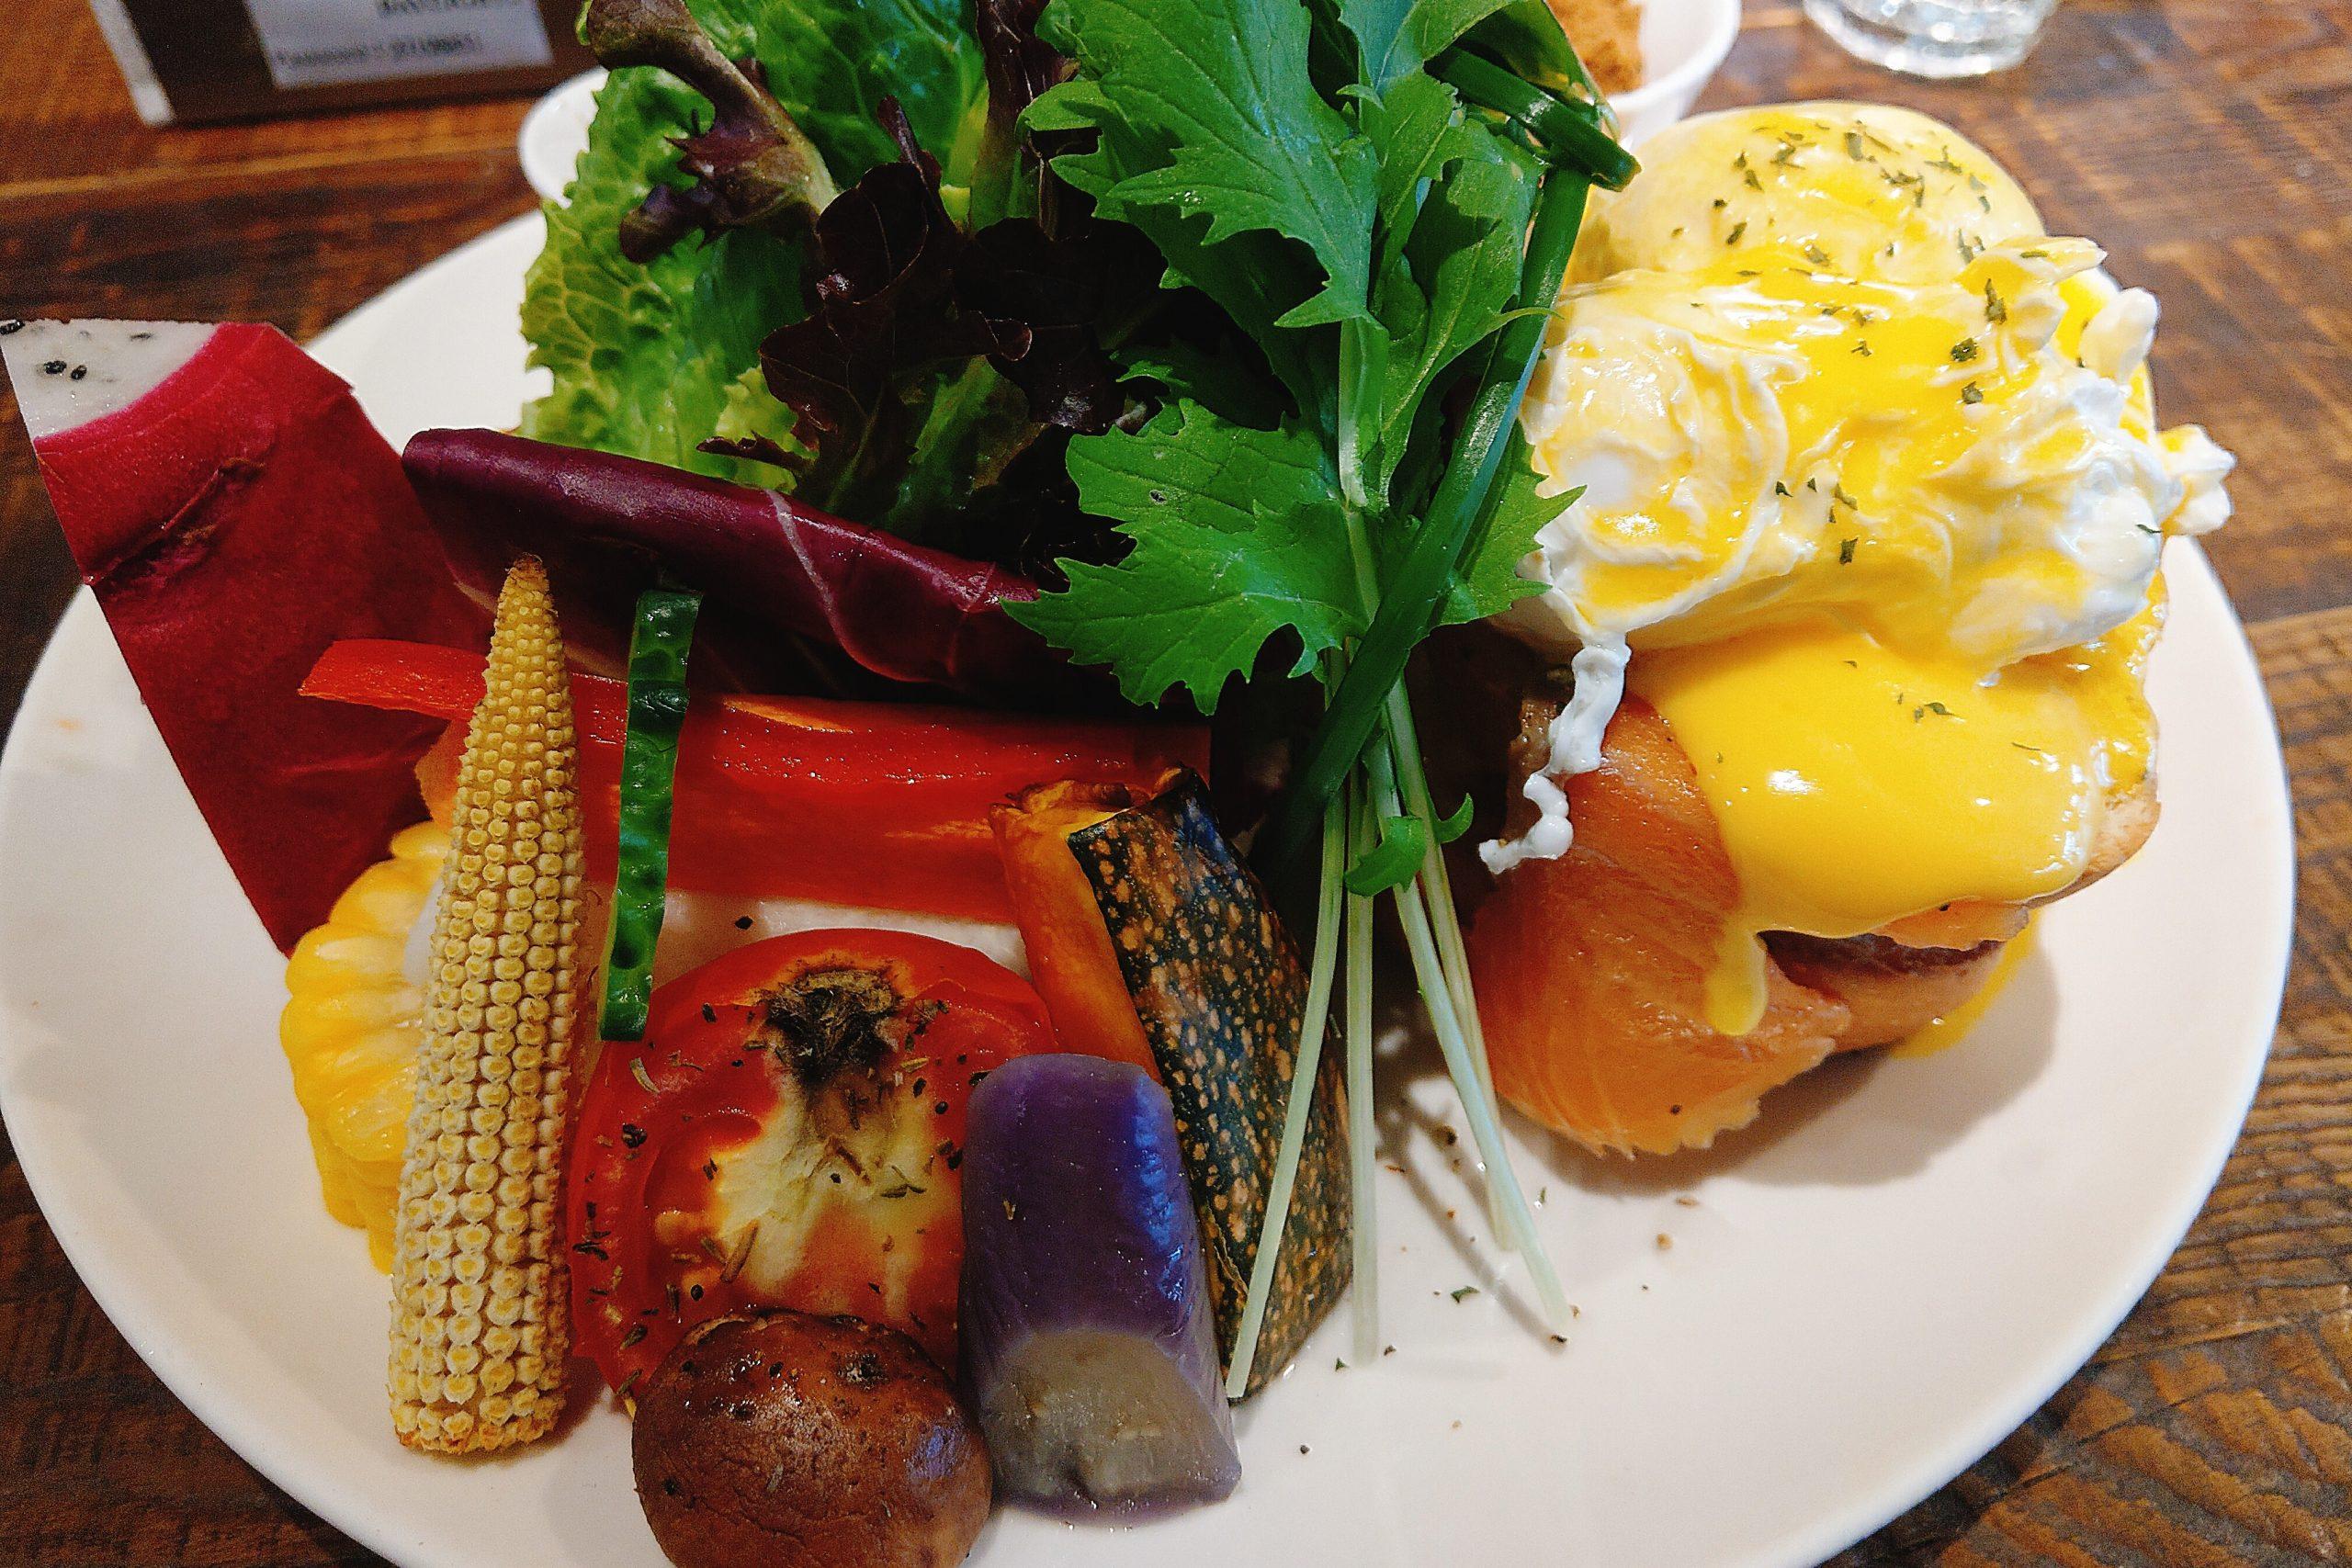 【台北早午餐】Daylight光合箱子南京店,充滿各式蔬果的健康早午餐